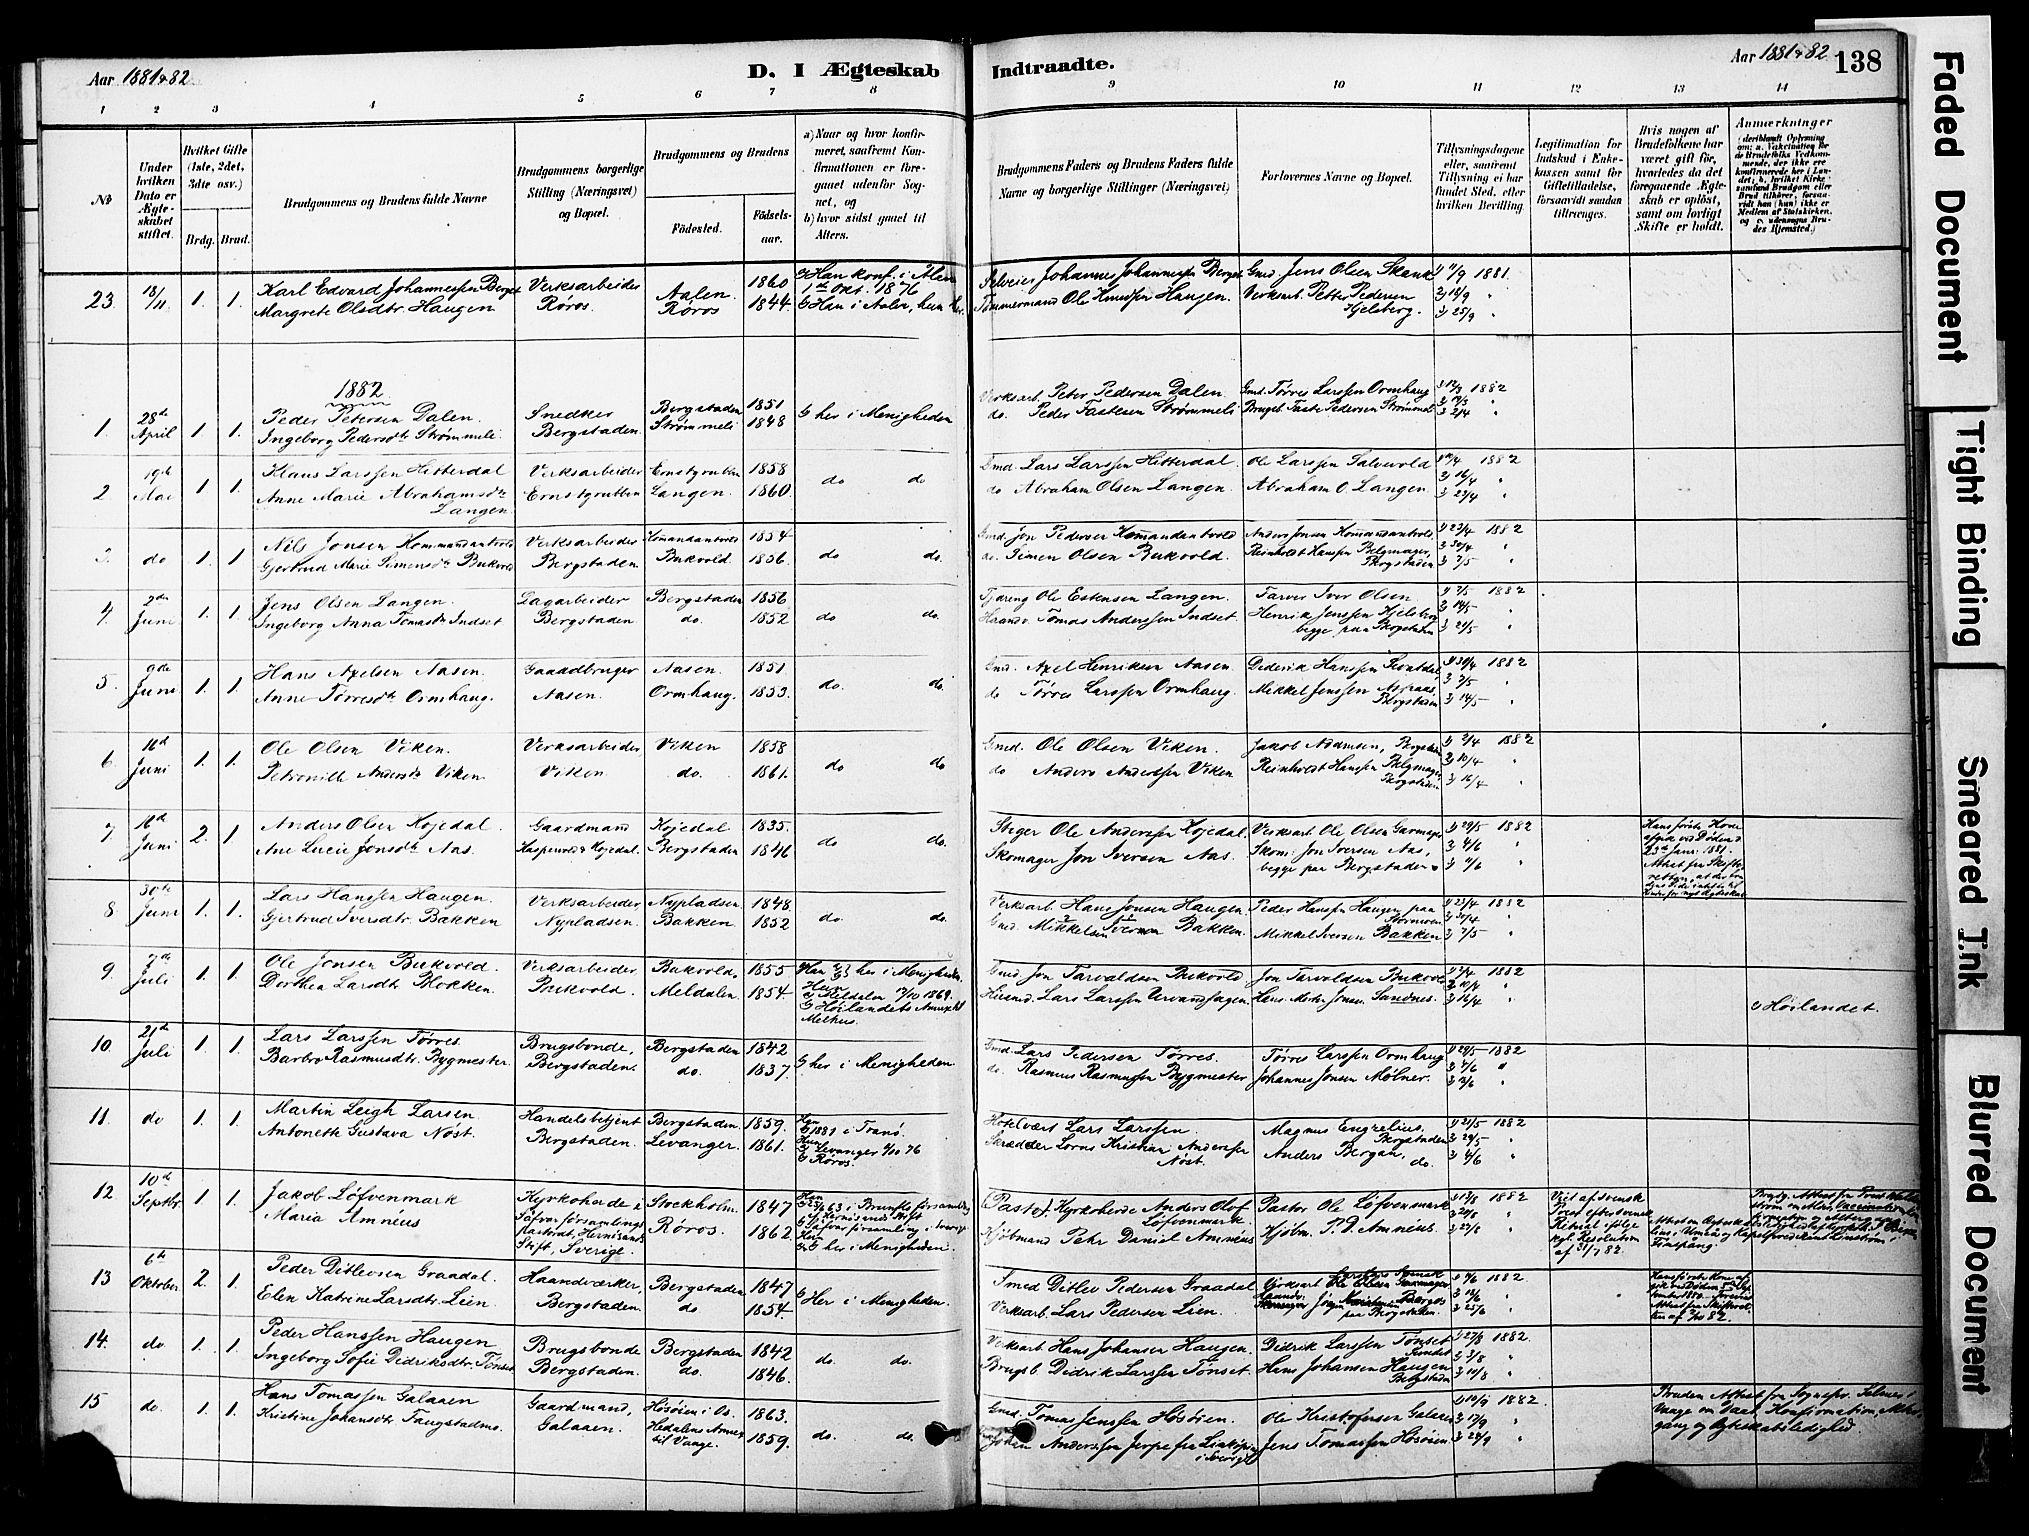 SAT, Ministerialprotokoller, klokkerbøker og fødselsregistre - Sør-Trøndelag, 681/L0933: Ministerialbok nr. 681A11, 1879-1890, s. 138